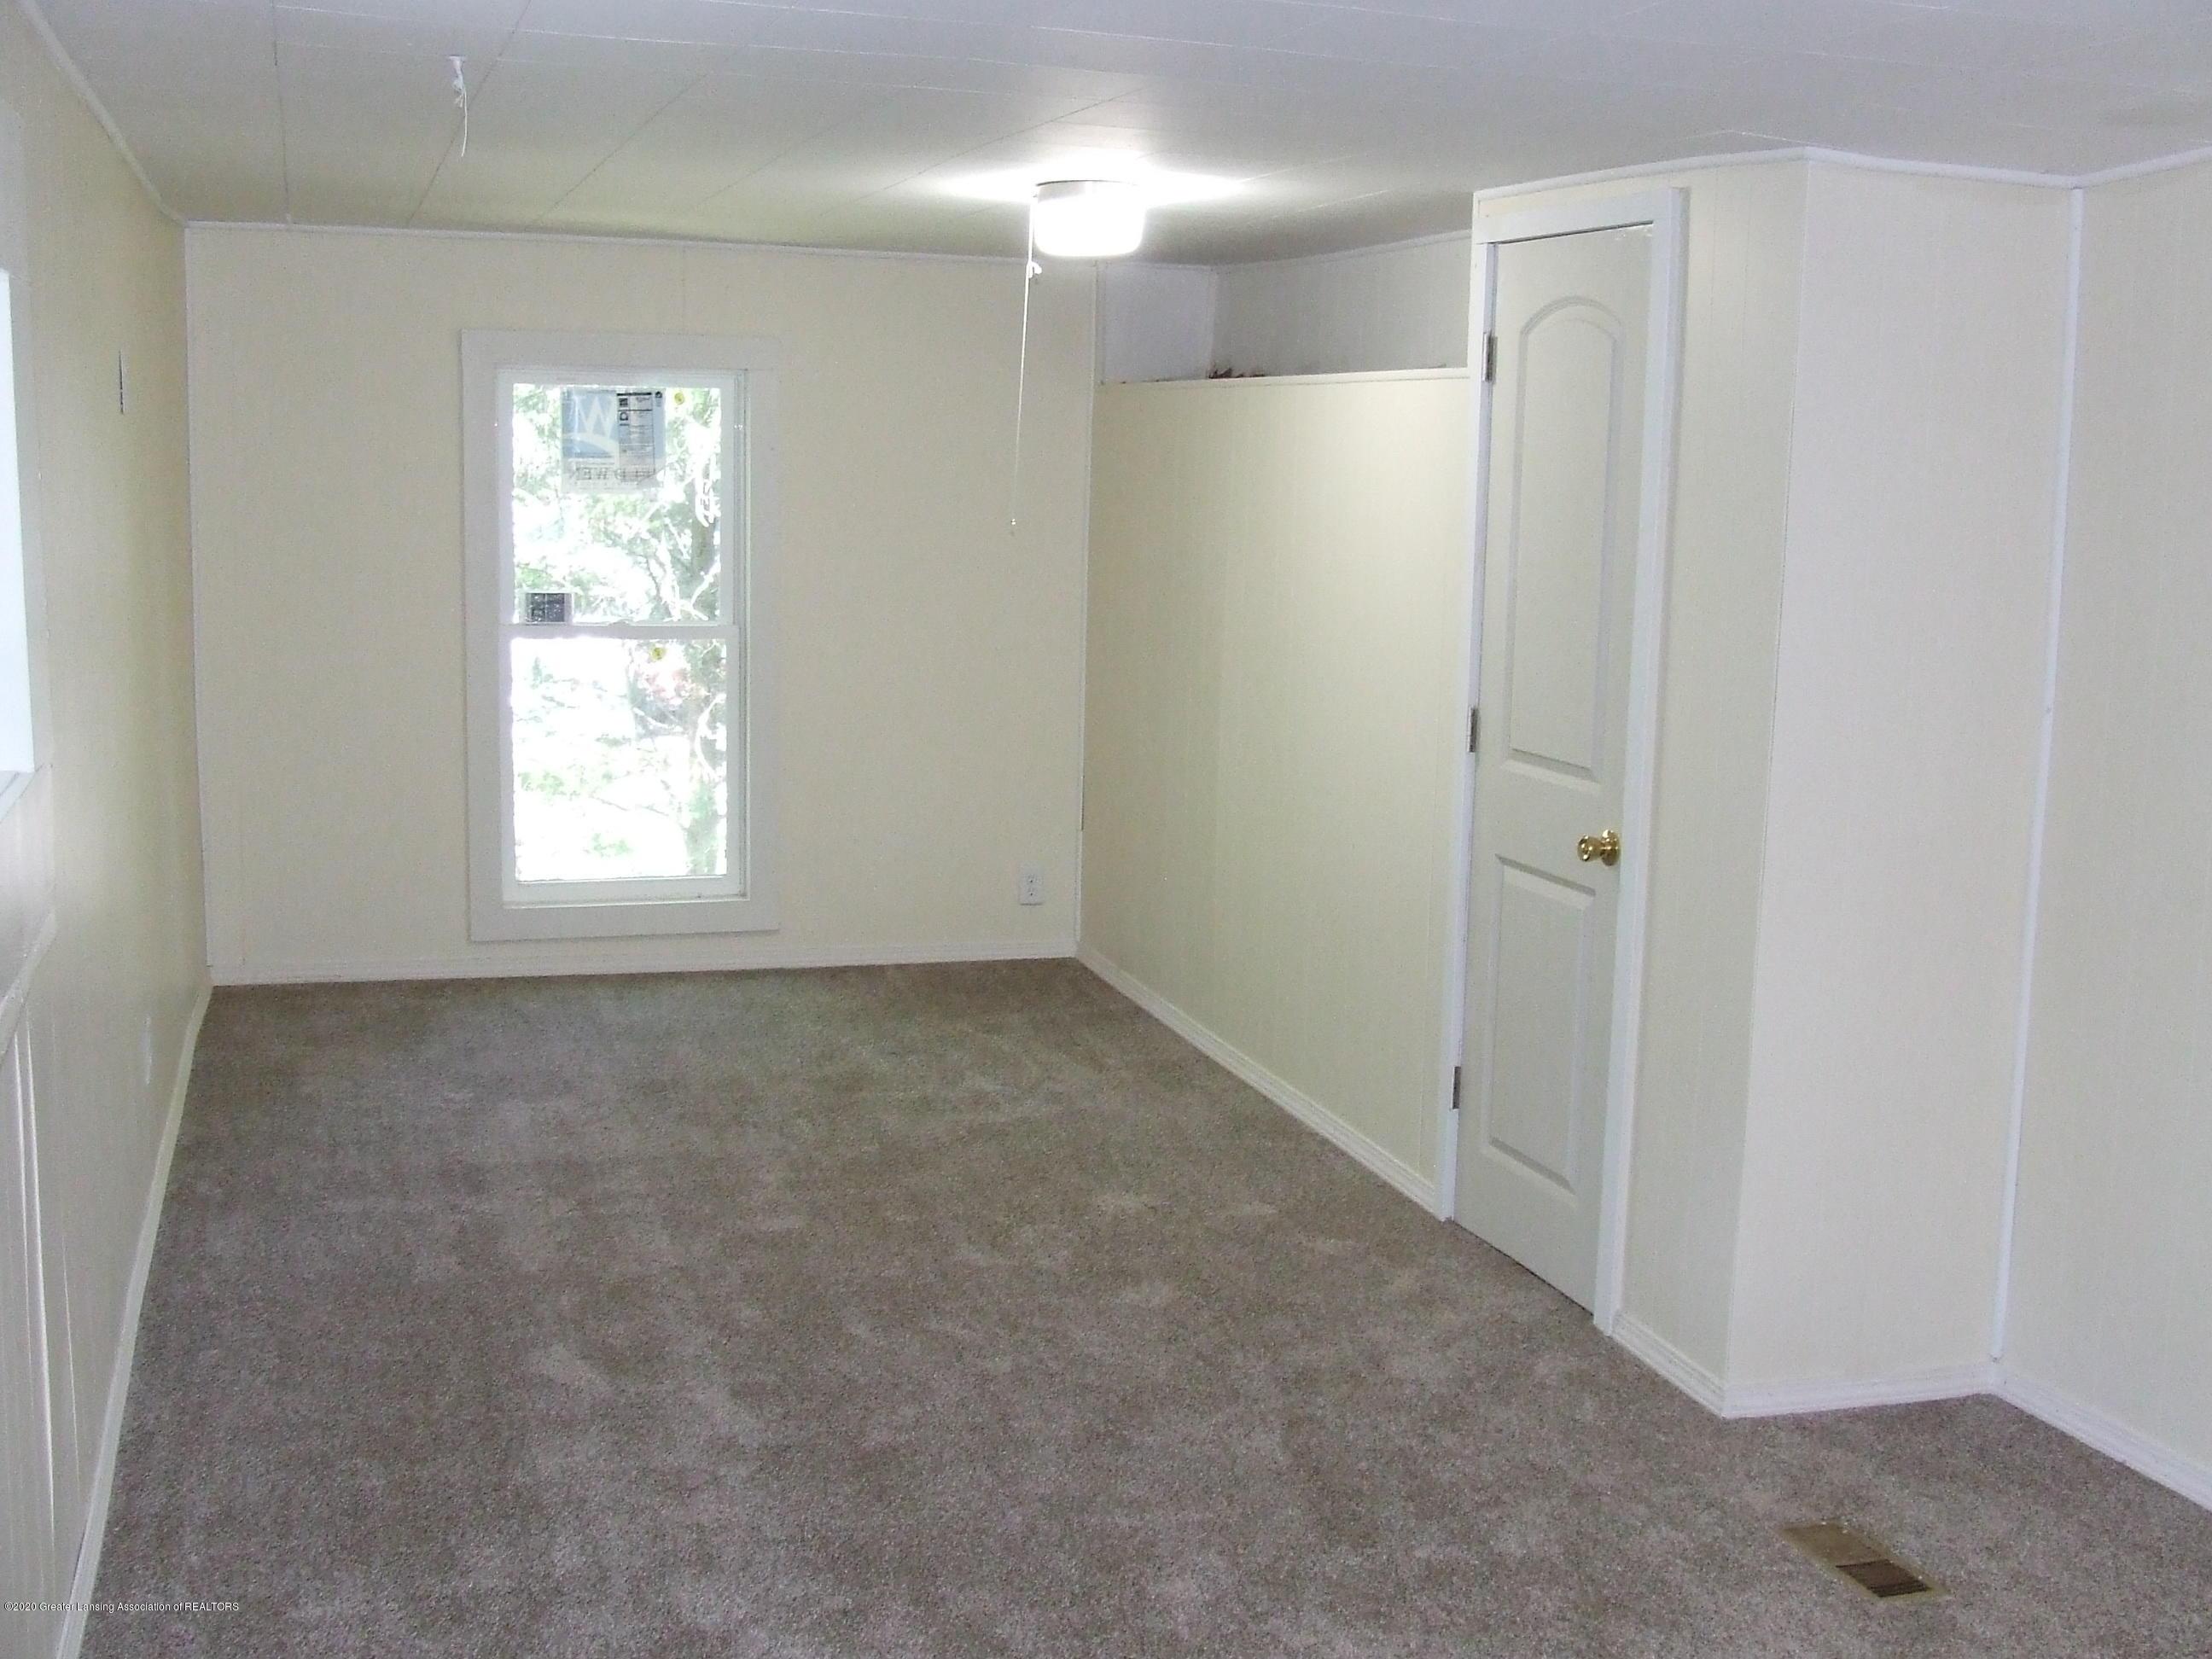 610 N Deerfield Ave - Family room - 11